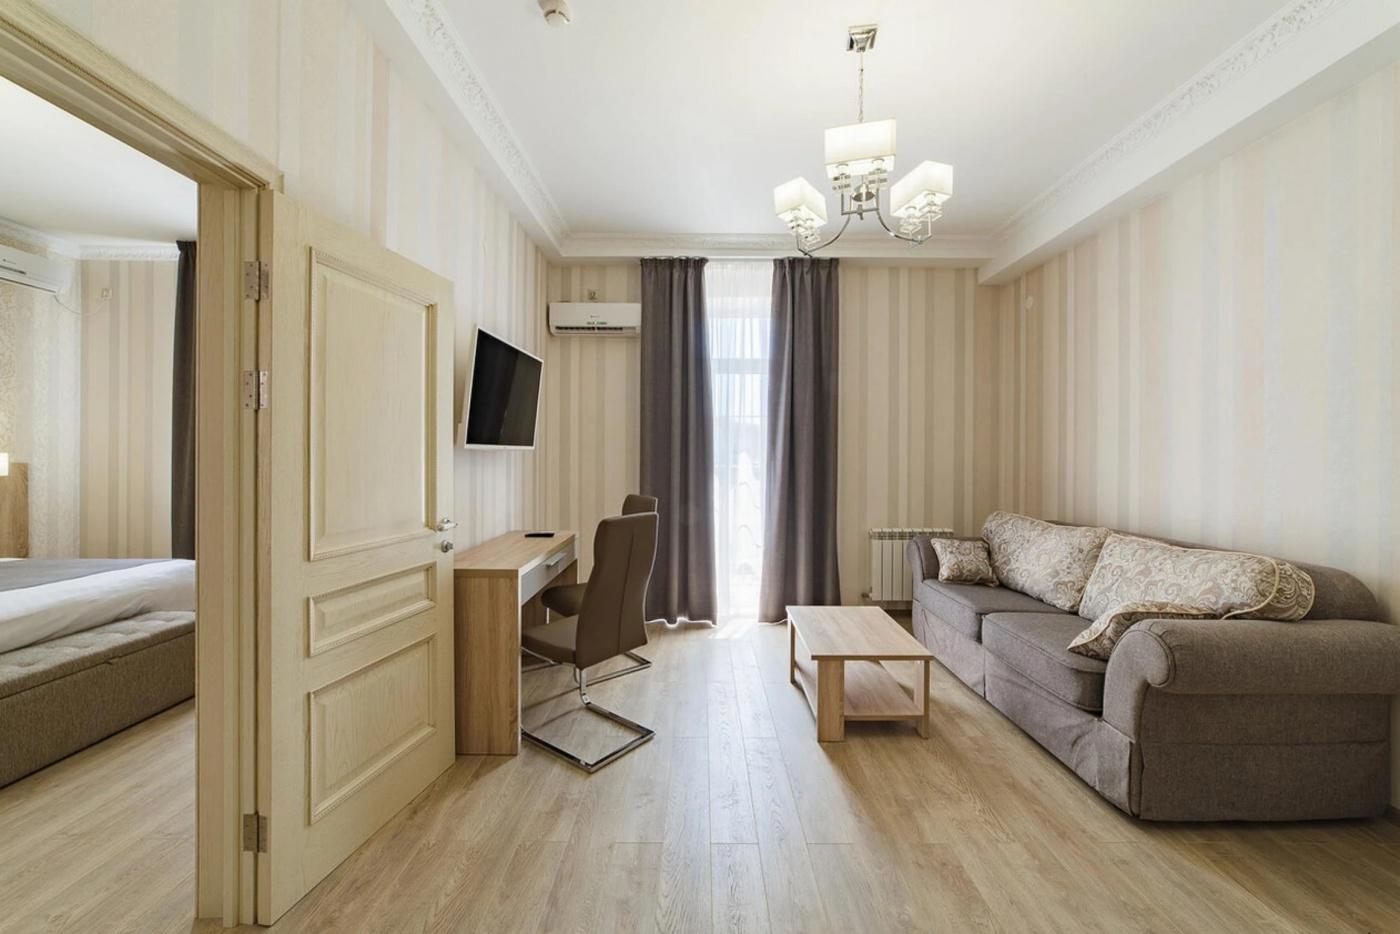 Отель «Alean Family Hotel Usadba 4*» Краснодарский край Люкс 2-комнатный , фото 4